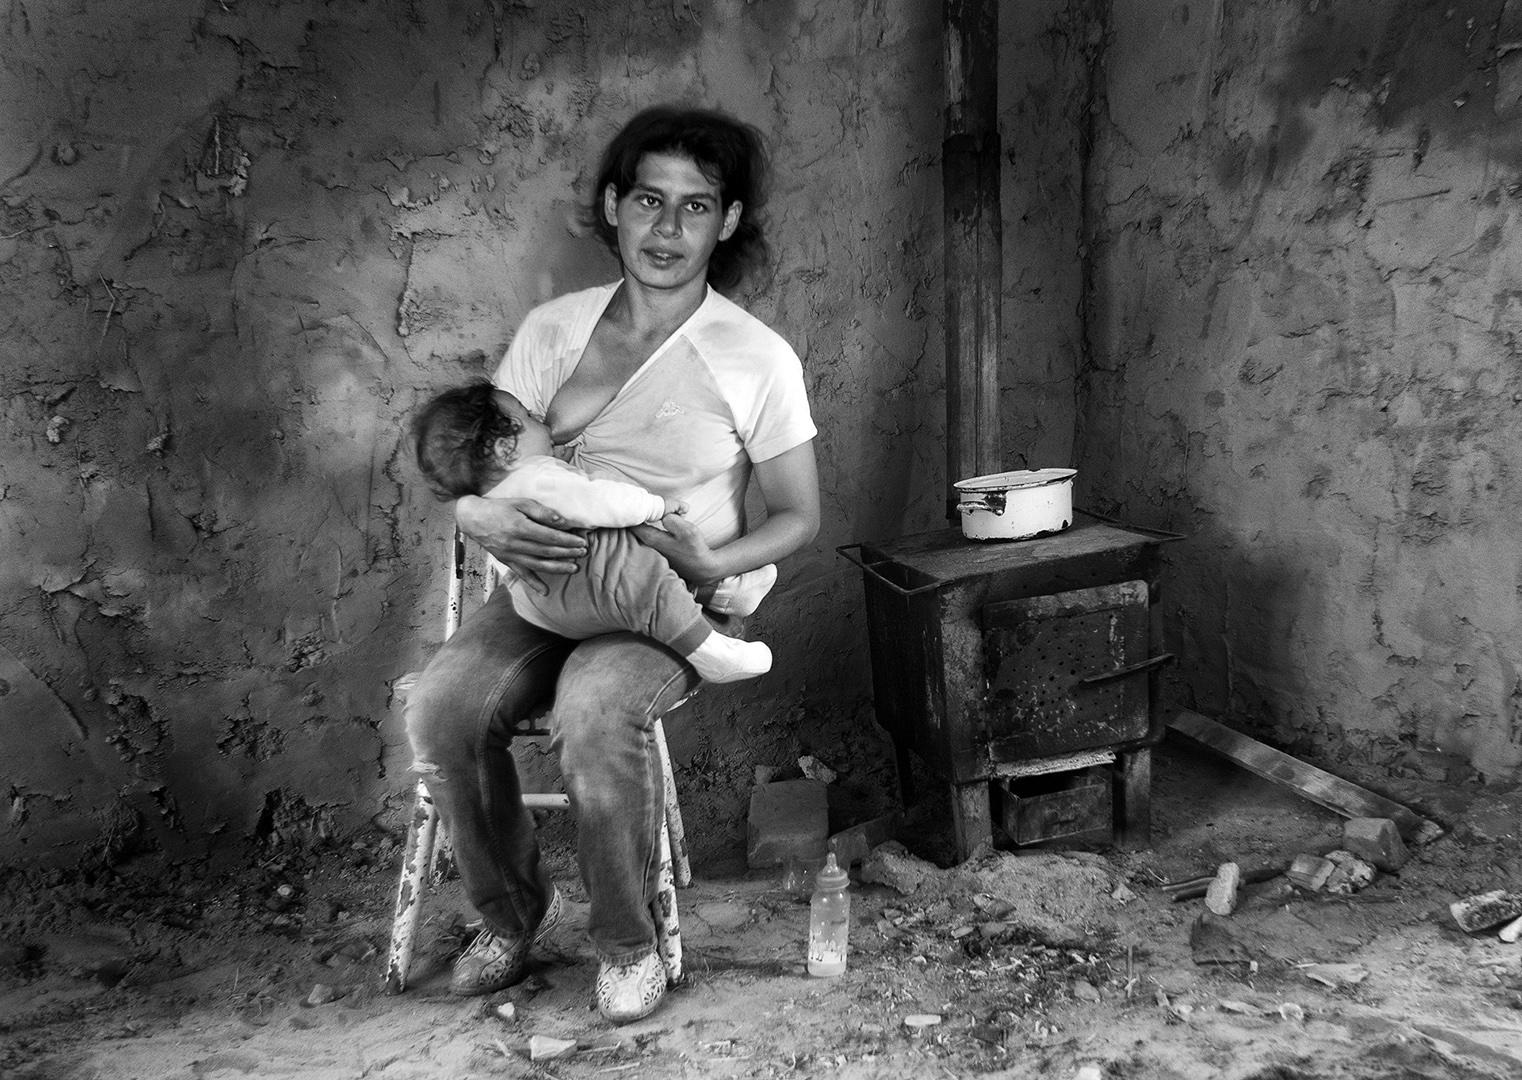 Young mother, Søren Skov